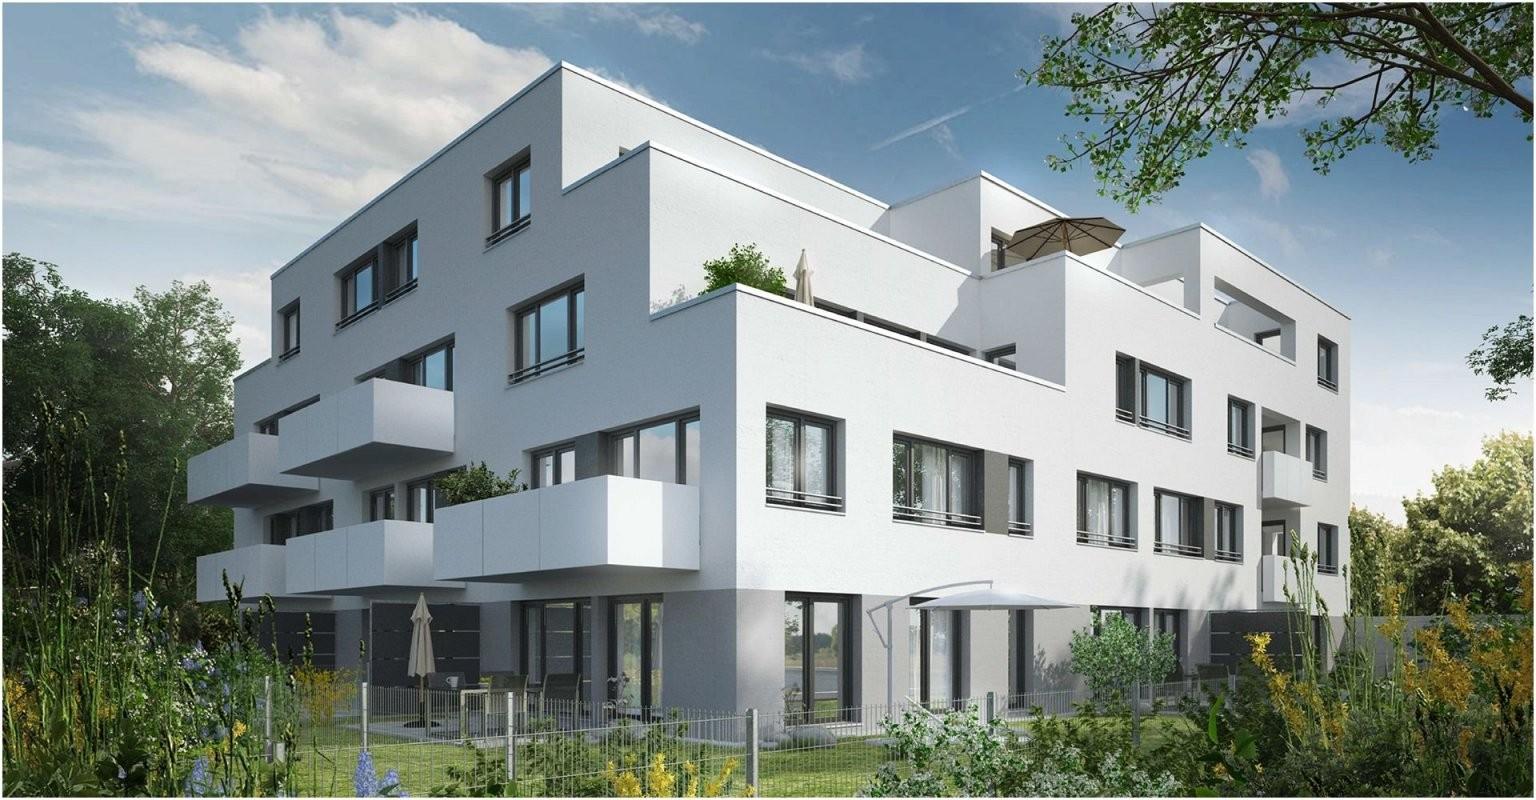 Wohnung Kaufen Ulm Mitte Luxus Immobilienmakler In Ulm Luxus Wohnung von Wohnung Kaufen Ulm Mitte Photo